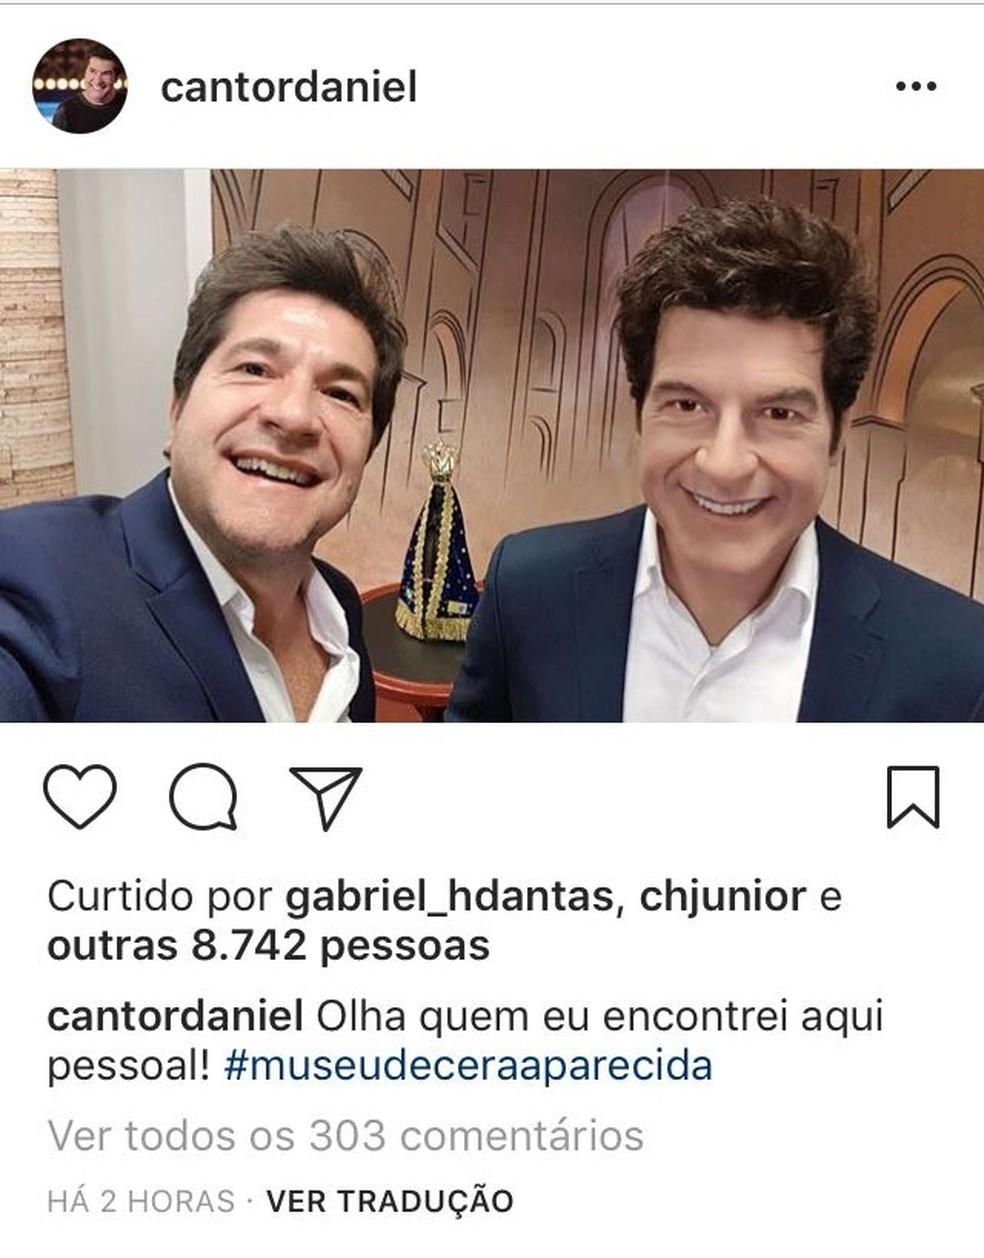 Daniel posta foto com a estátua no Instagram (Foto: Reprodução)